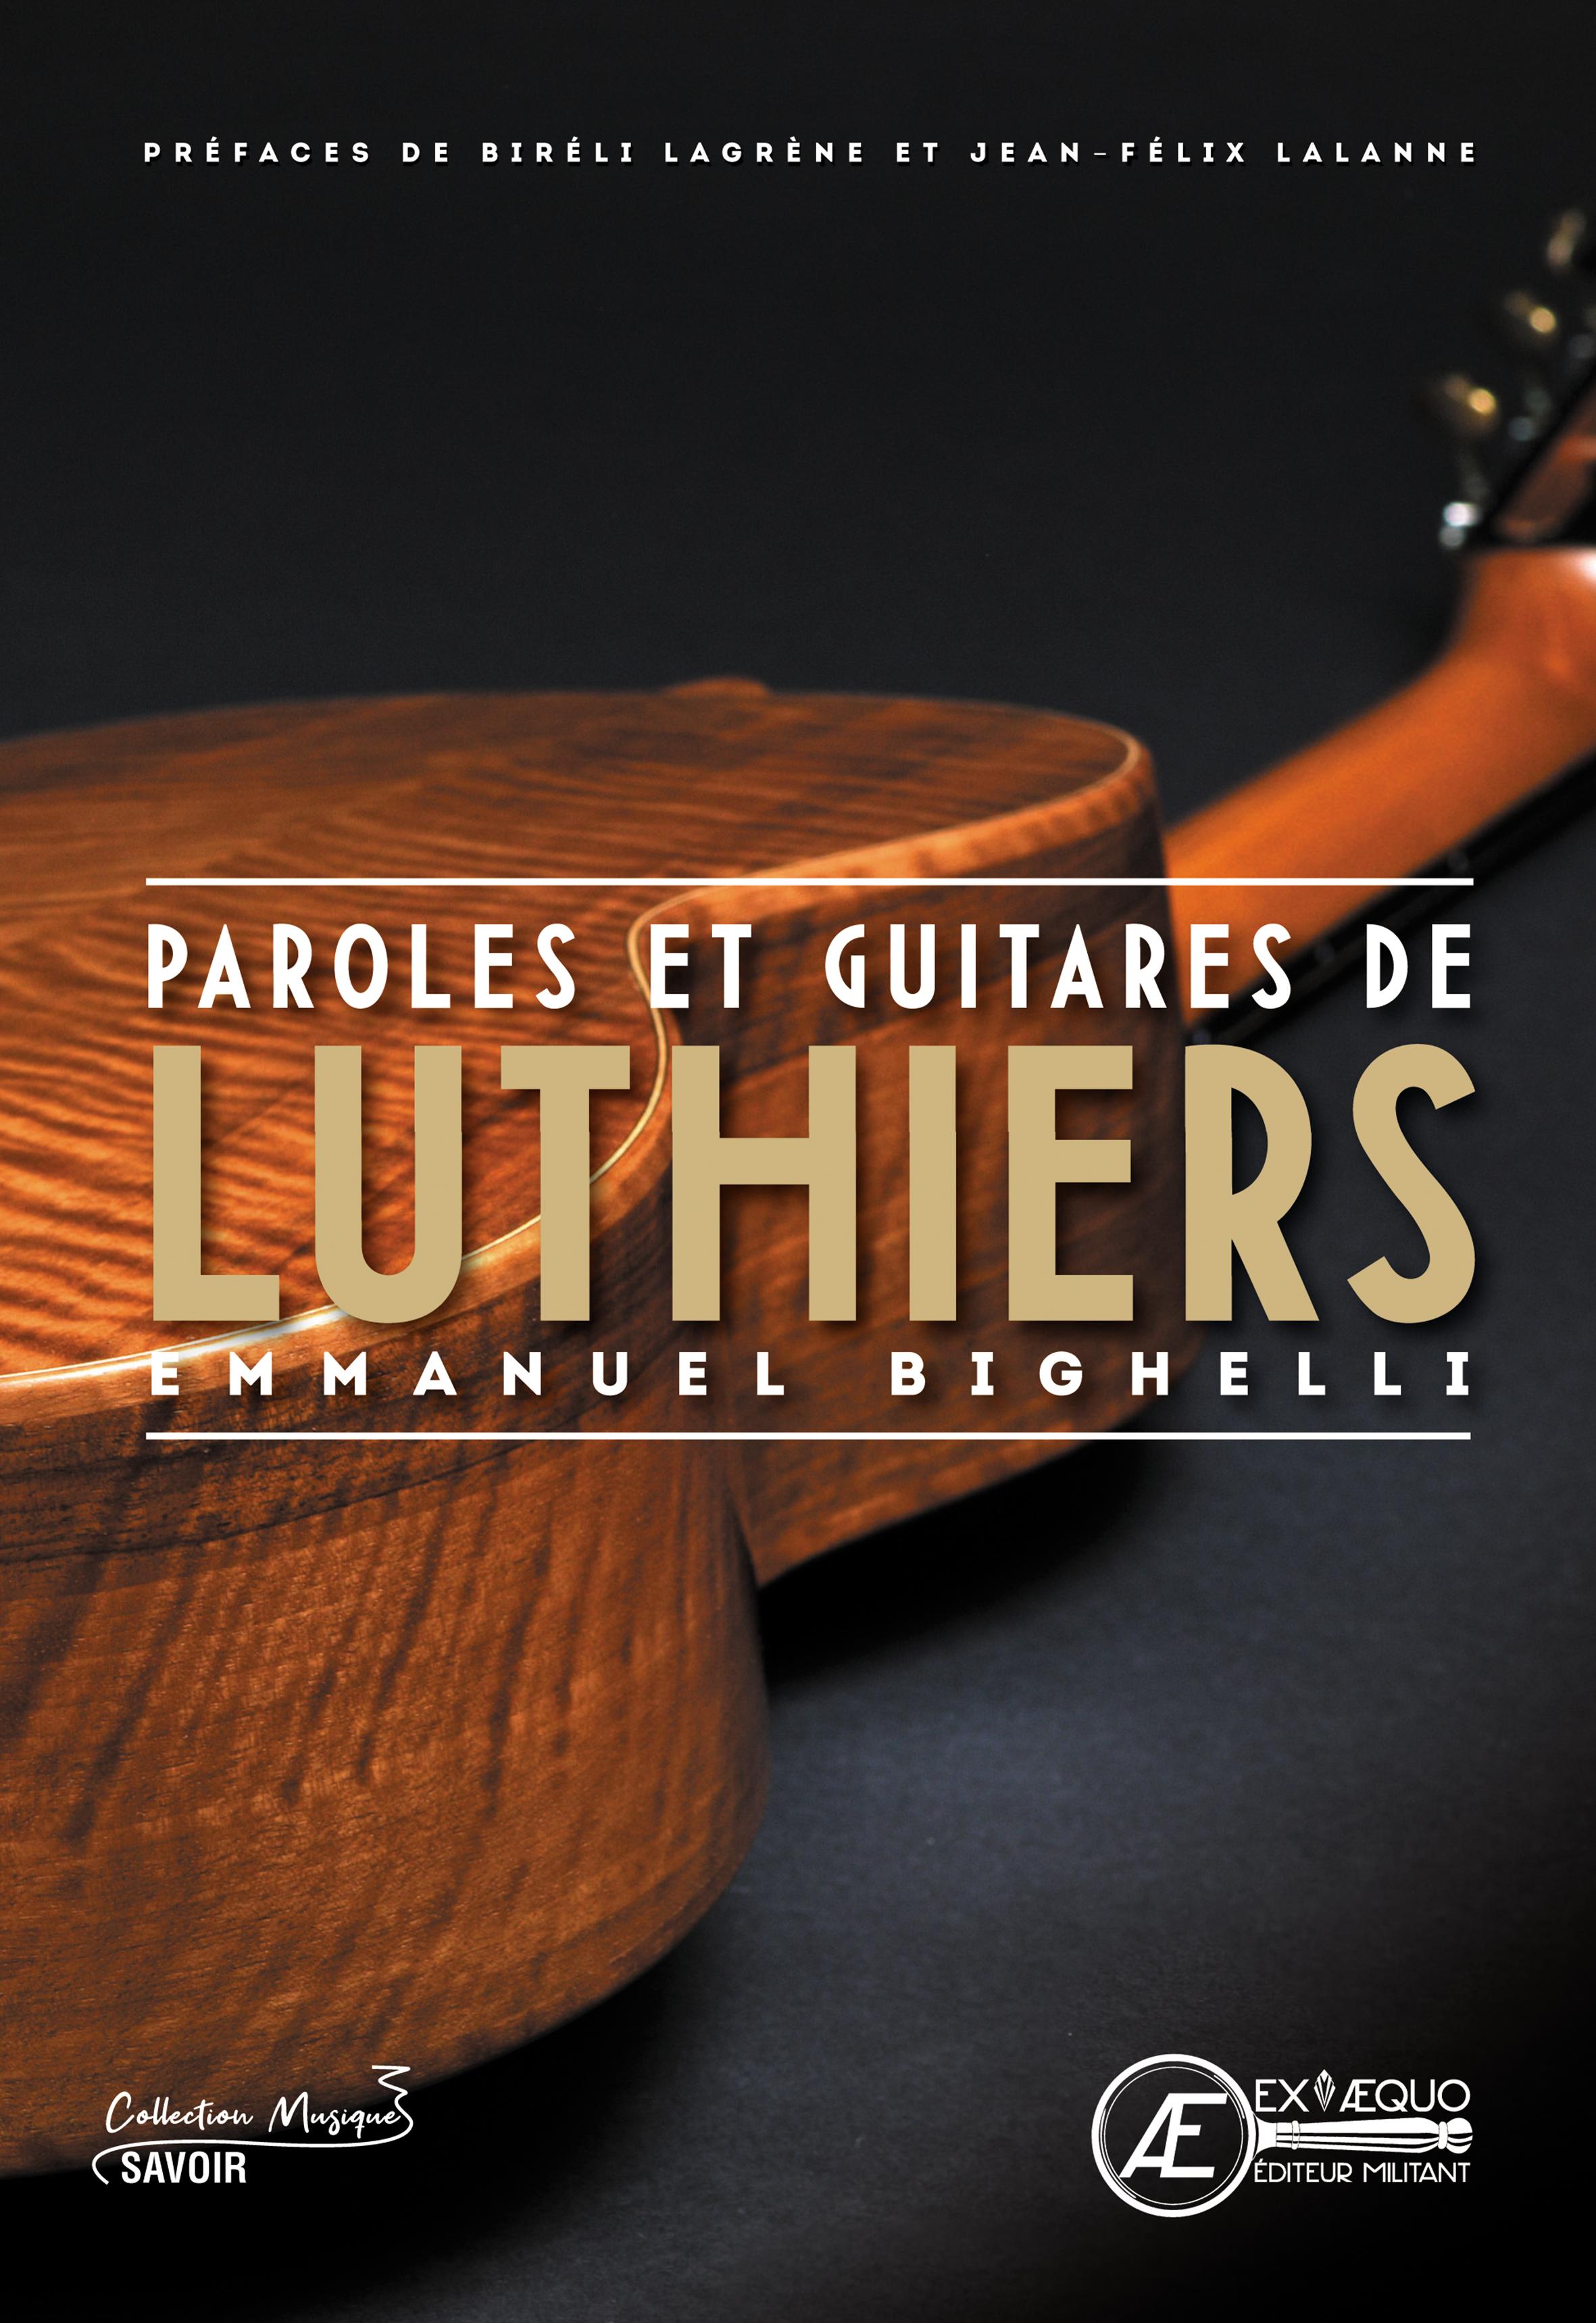 Paroles et guitares de luthiers-Emmanuel Bighelli-ÉDITIONS EX ÆQUO